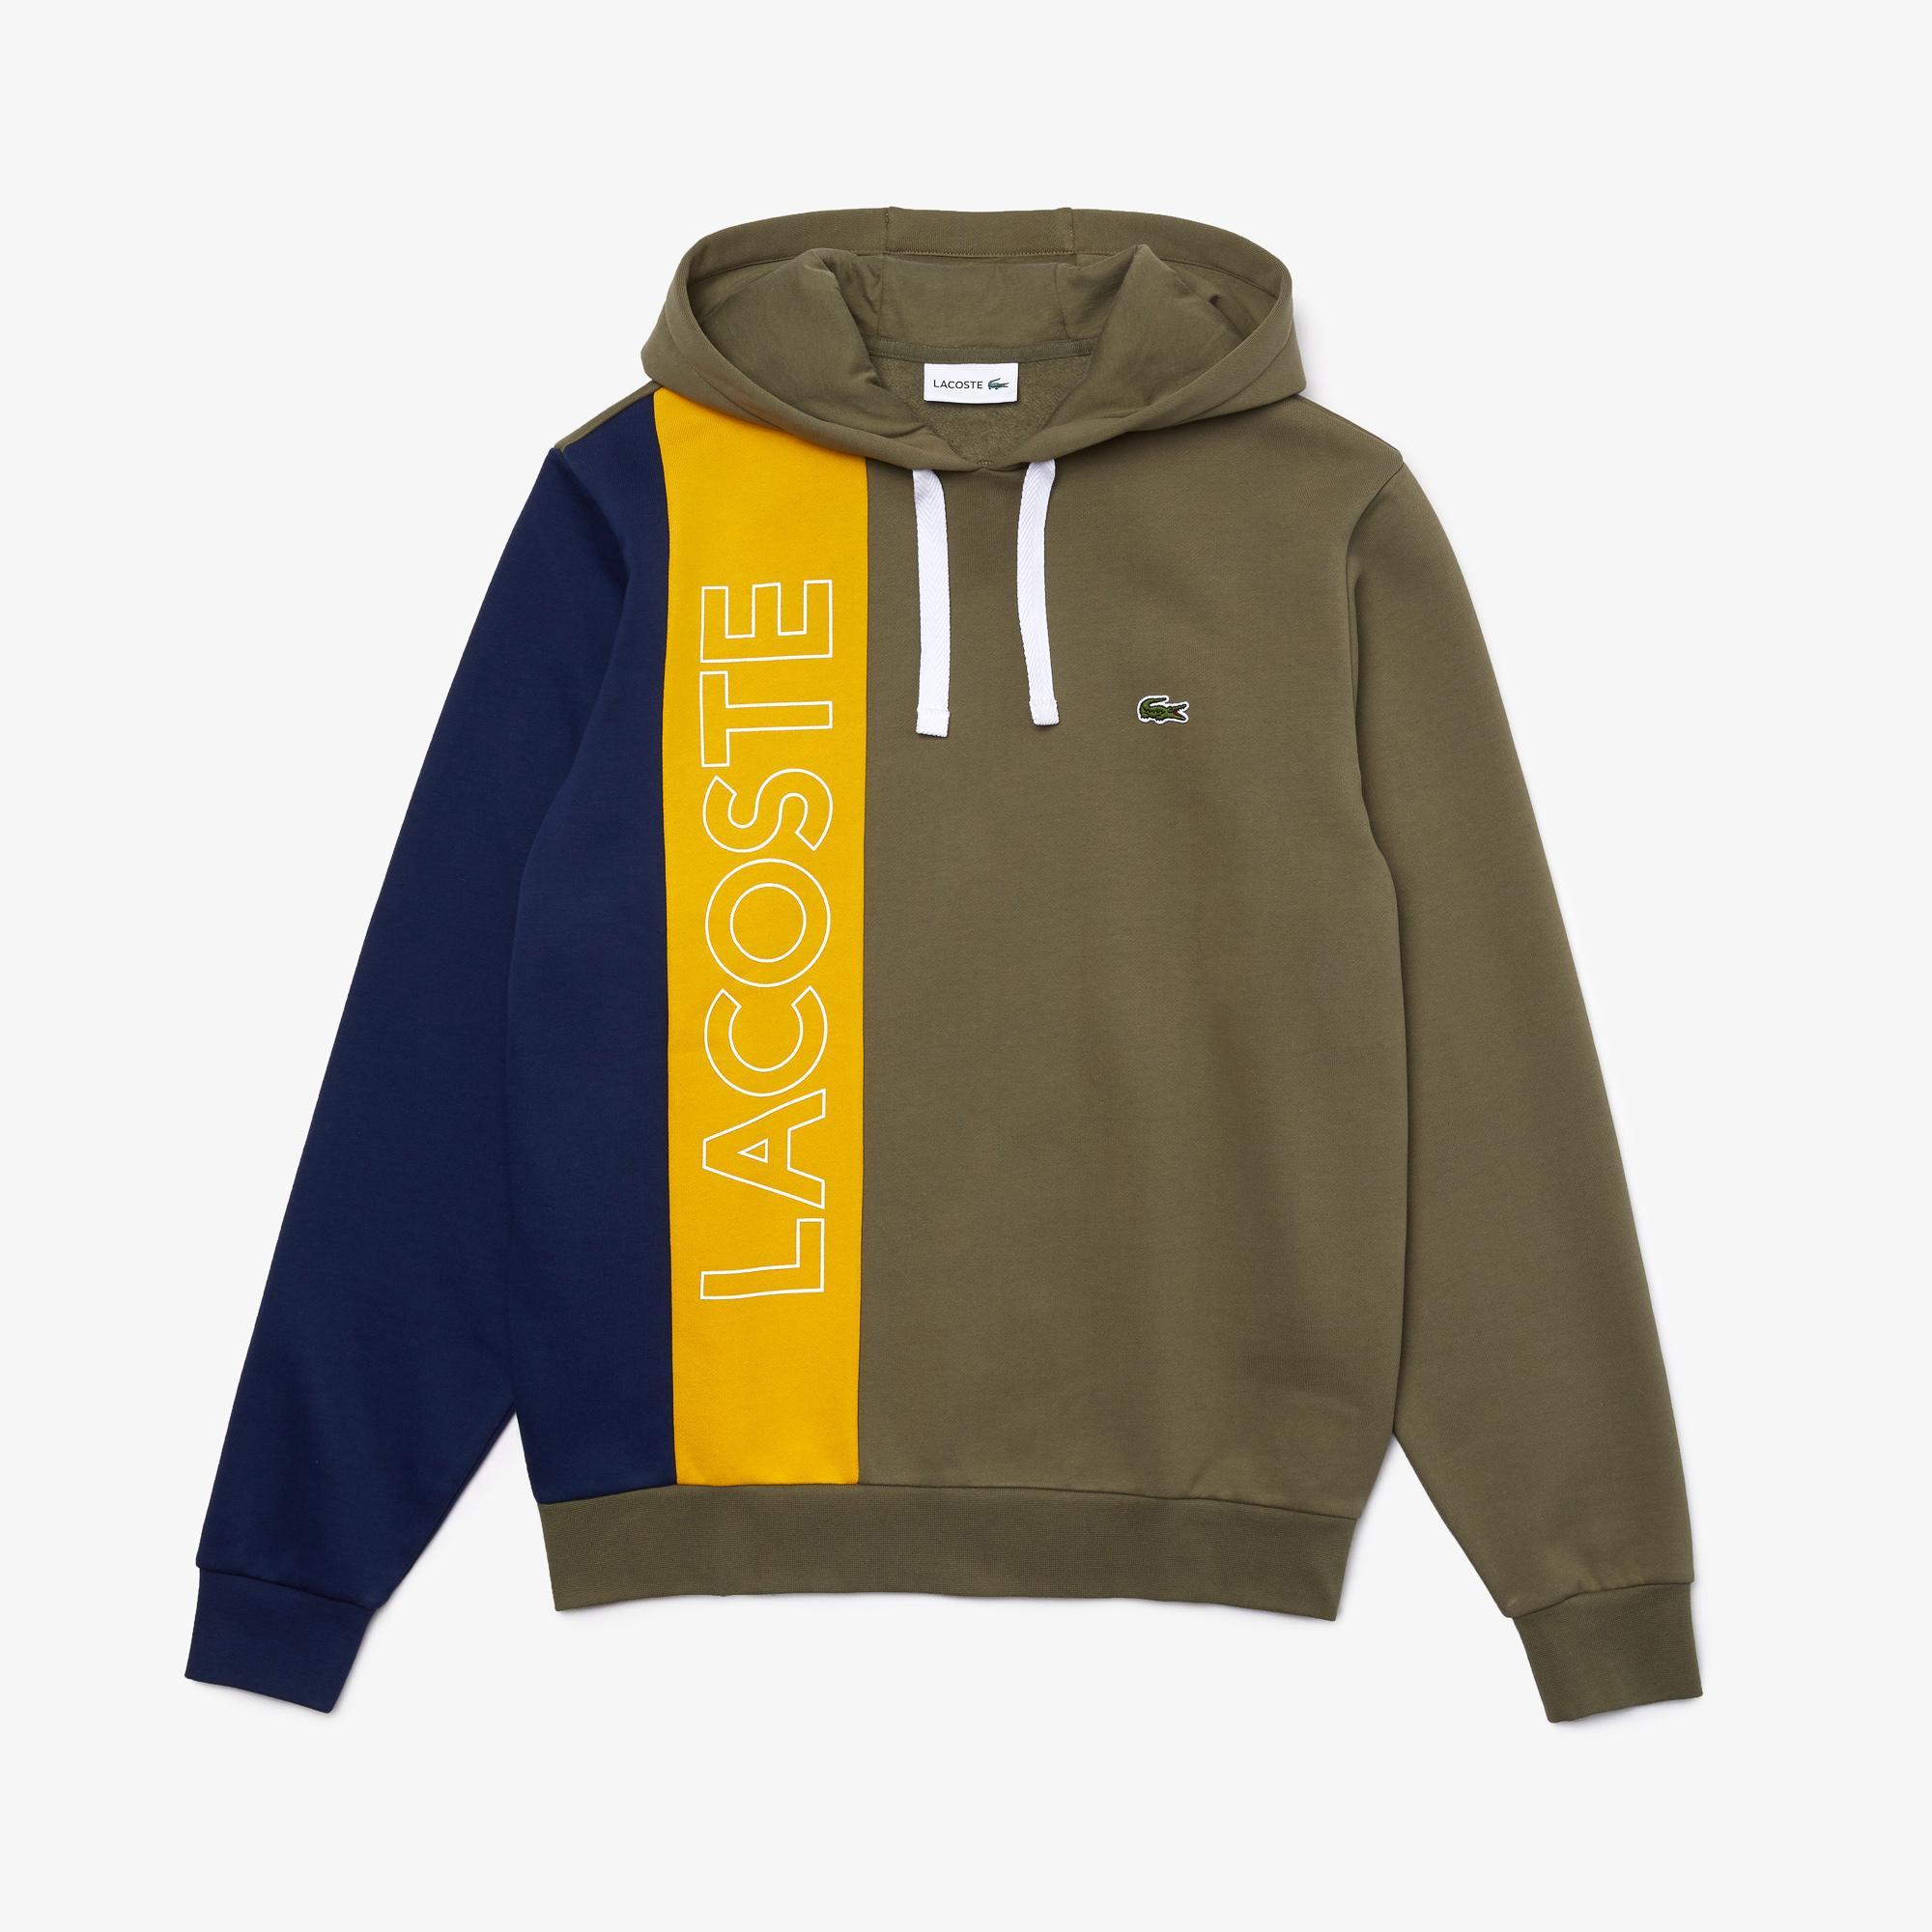 Lacoste Erkek Kapüşonlu Renk Bloklu Baskılı Renkli Sweatshirt